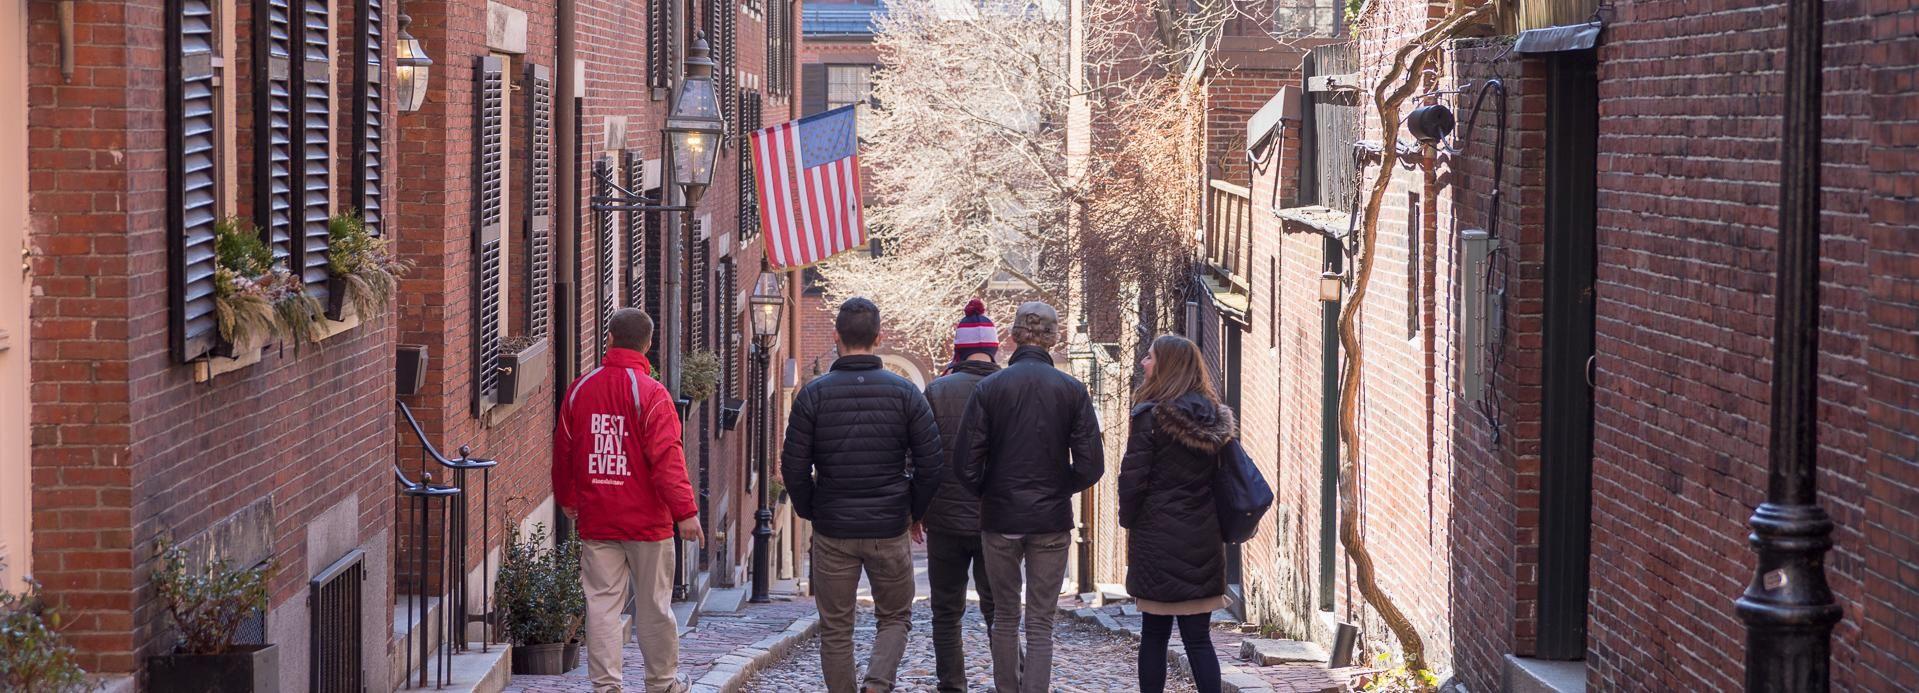 Excursão à tarde e história de Boston